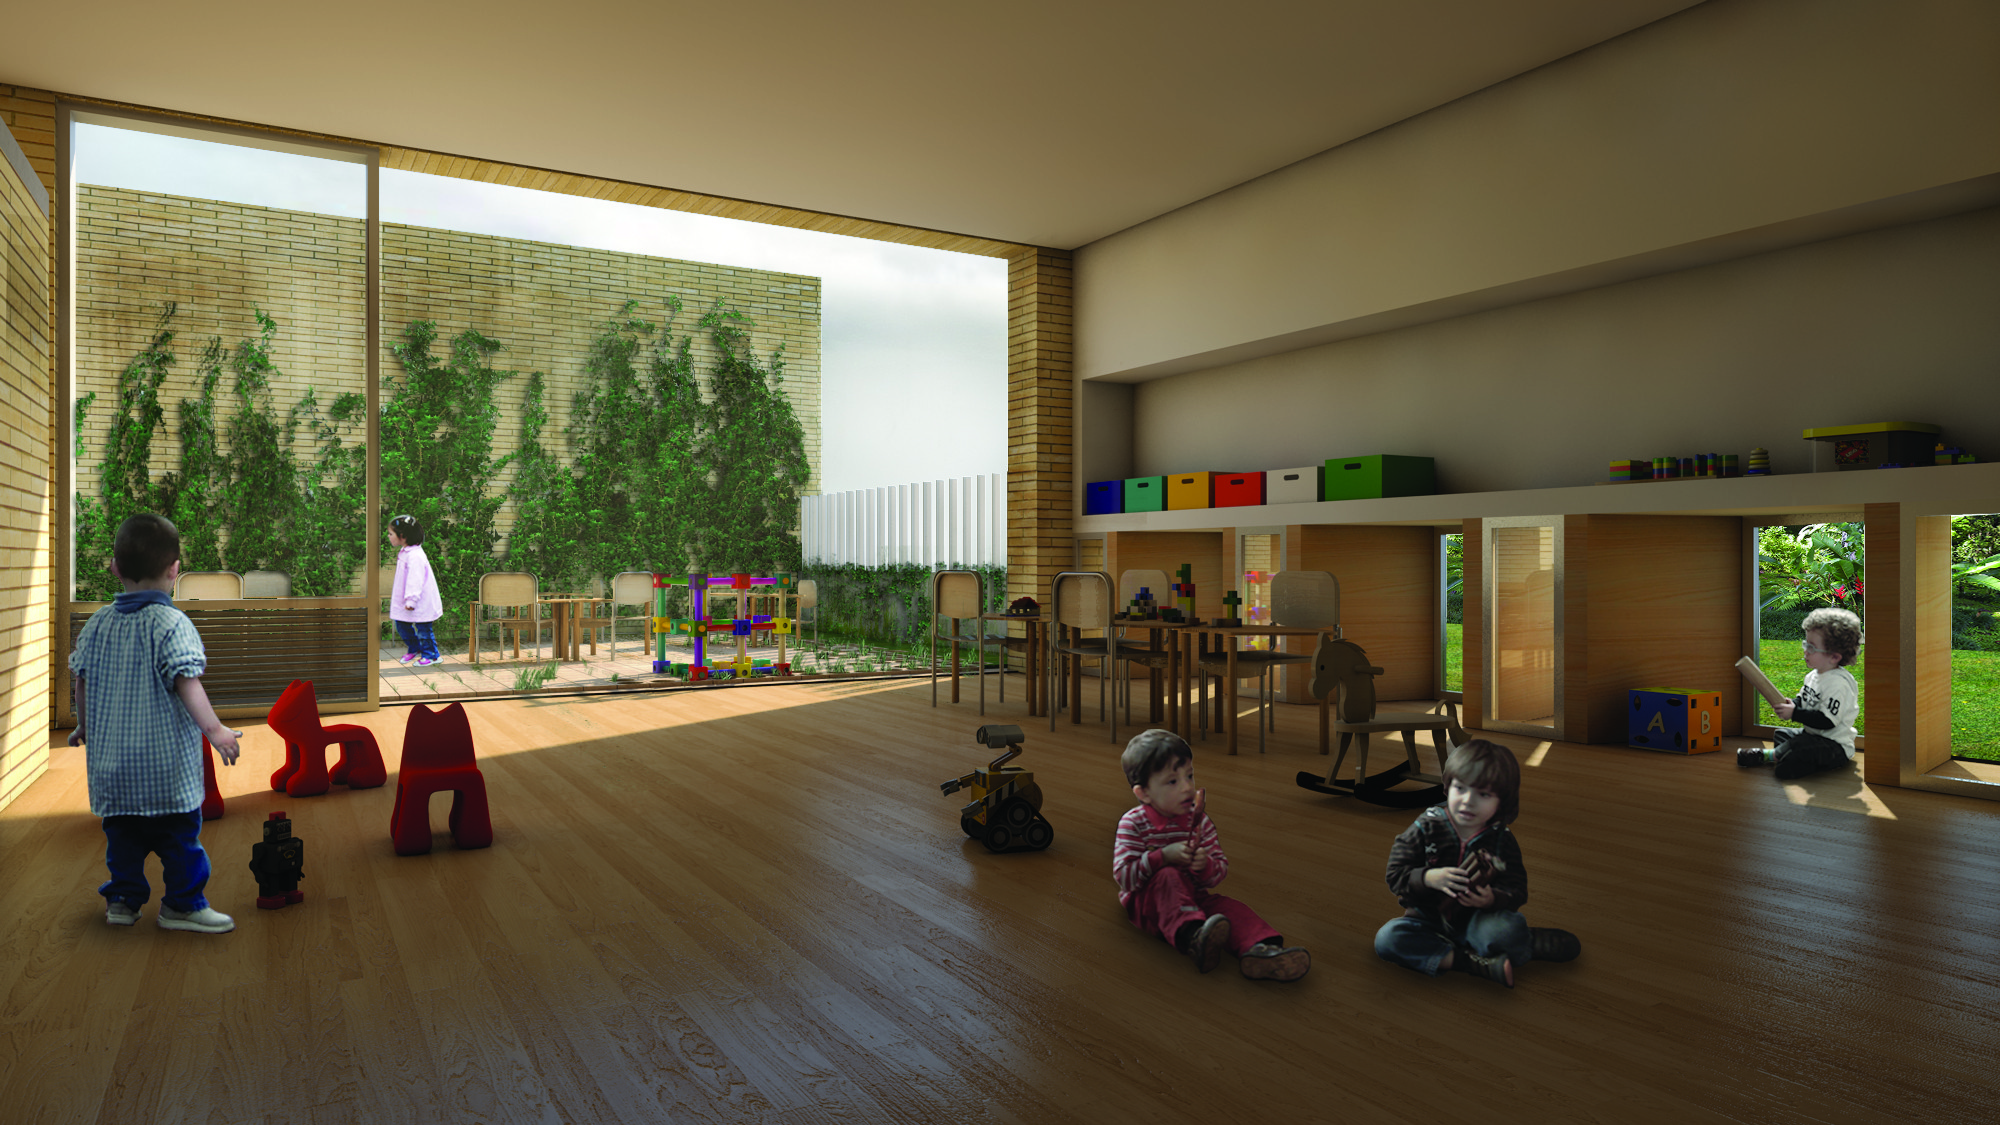 Primer lugar concurso p blico para el dise o de colegios for Aulas web arquitectura